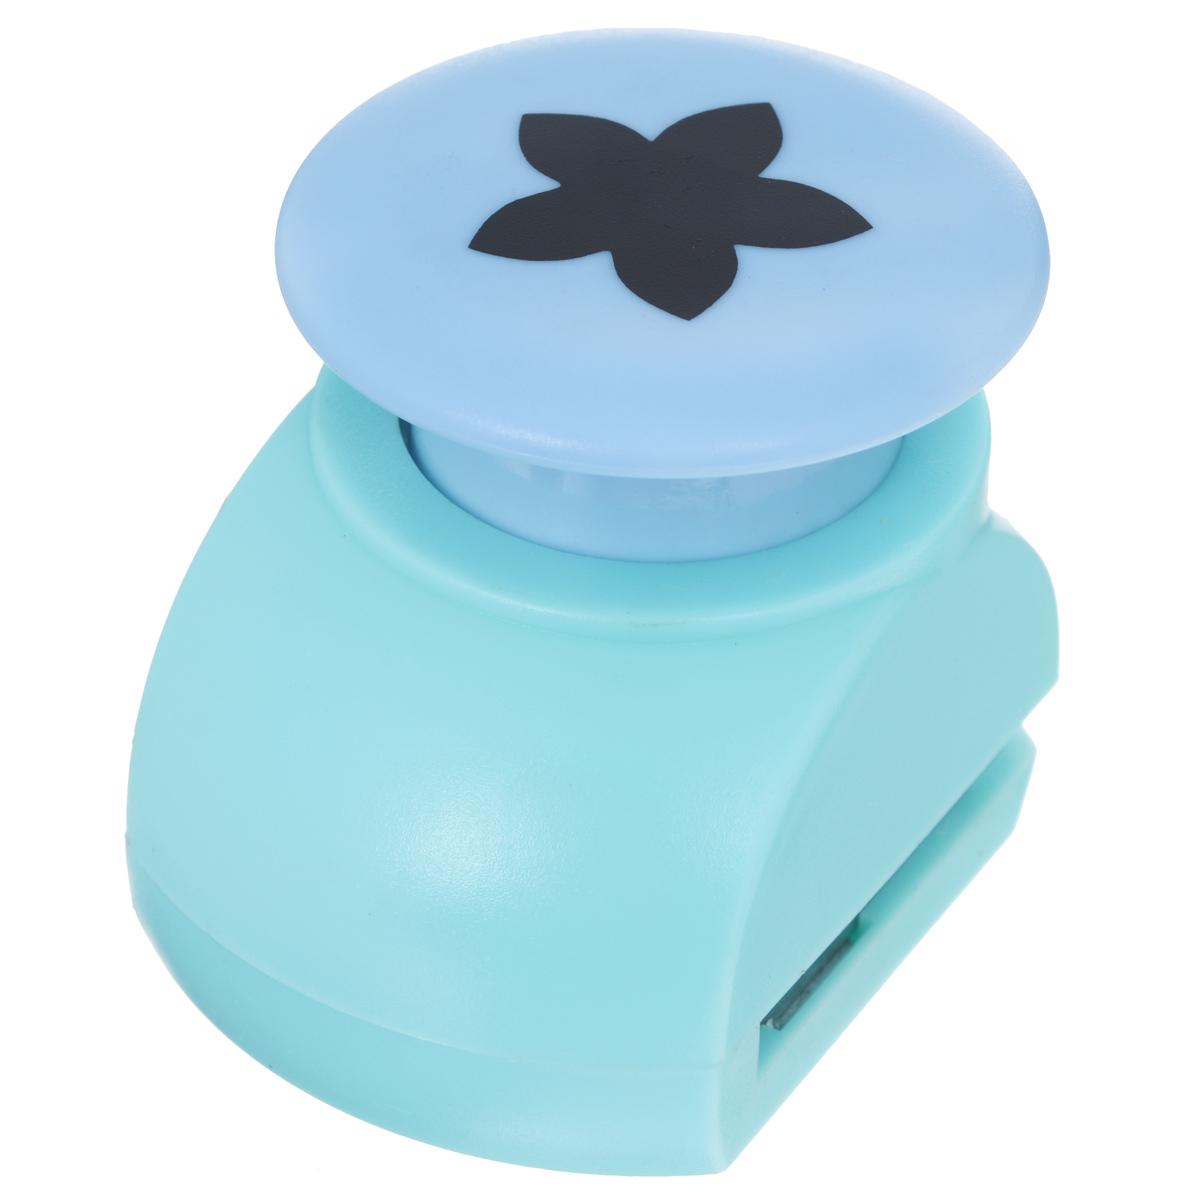 Дырокол фигурный Астра Цветок с пятью лепестками, цвет: голубой, бирюзовый. JF-82335210Дырокол Астра Цветок с пятью лепестками поможет вам легко, просто и аккуратно вырезать много одинаковых мелких фигурок. Режущие части компостера закрыты пластмассовым корпусом, что обеспечивает безопасность для детей. Можно использовать вырезанные мотивы как конфетти или для наклеивания.Дырокол подходит для разных техник: декупажа, скрапбукинга, декорирования.Размер дырокола: 5 см х 4 см х 5 см.Диаметр вырезанной фигурки: 2,2 см.